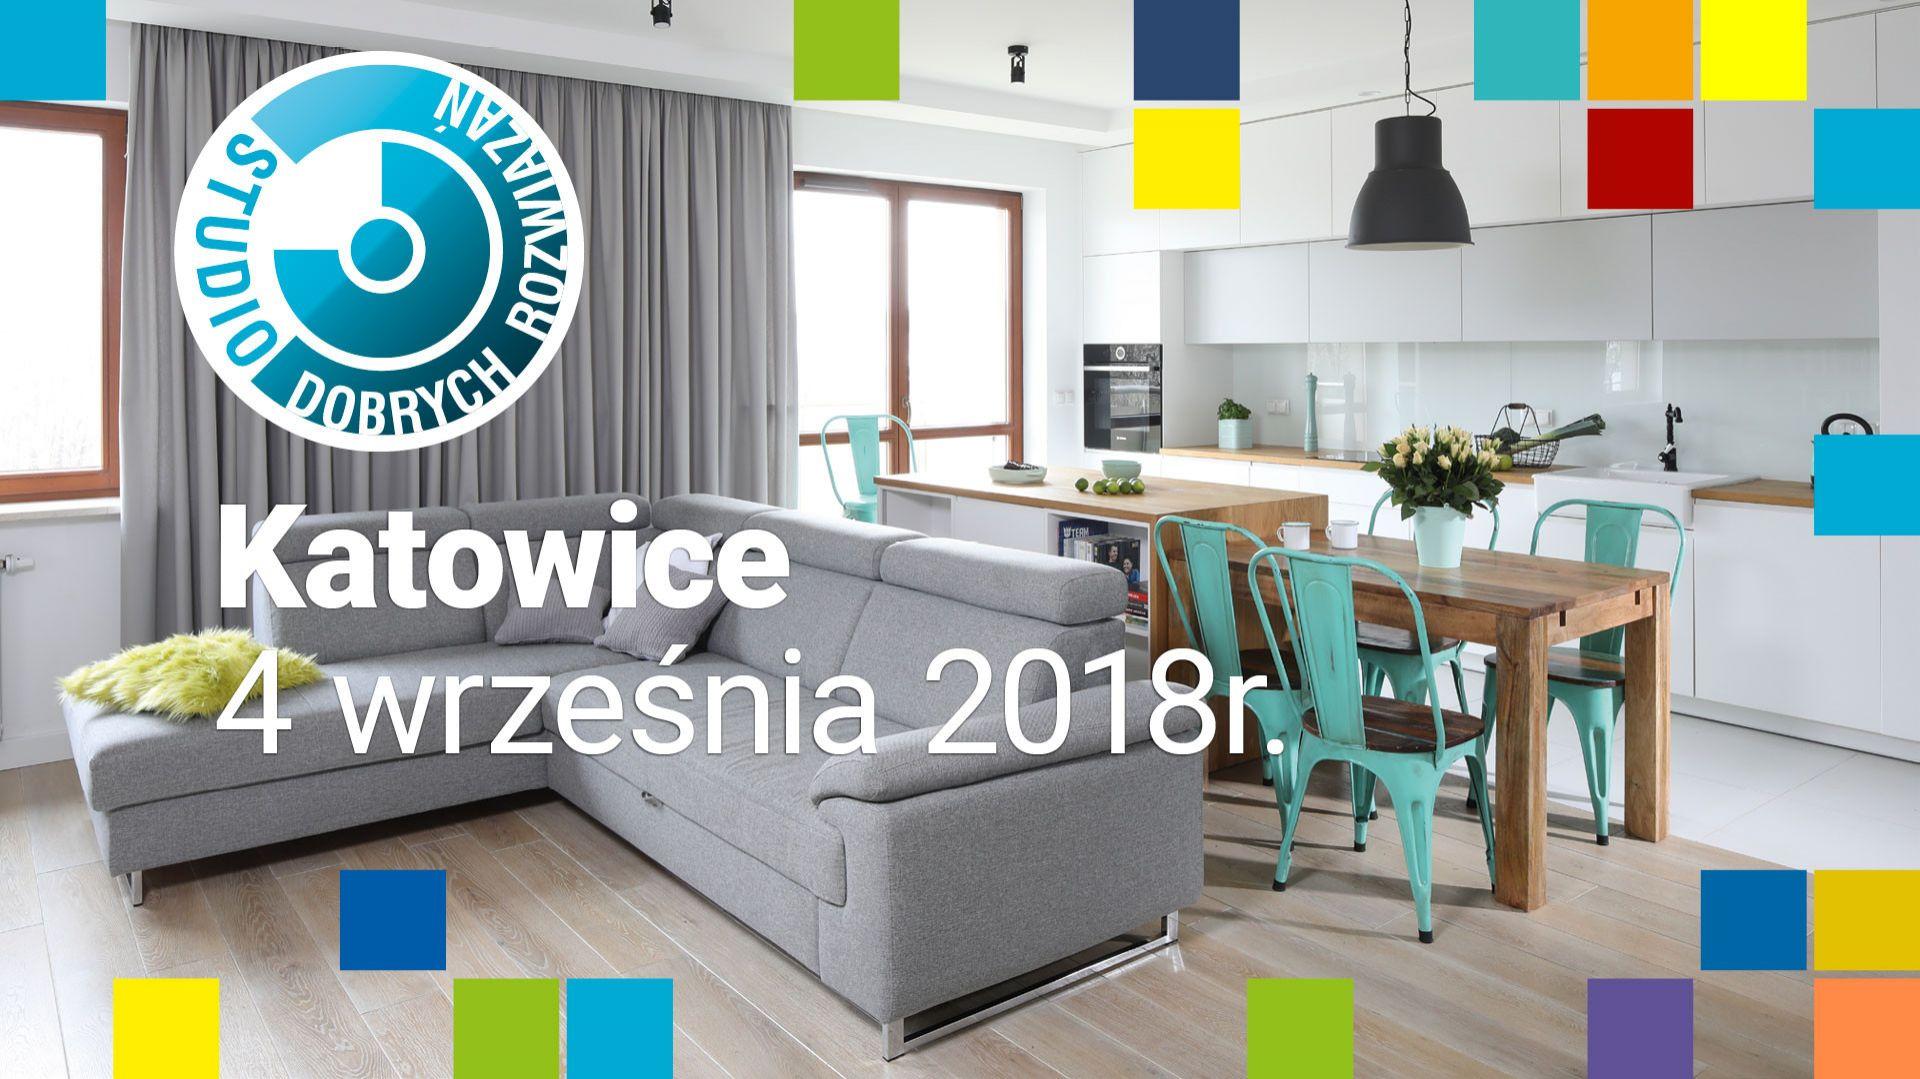 Najbliższe spotkanie Studia Dobrych Rozwiązań już 4 września w Katowicach!